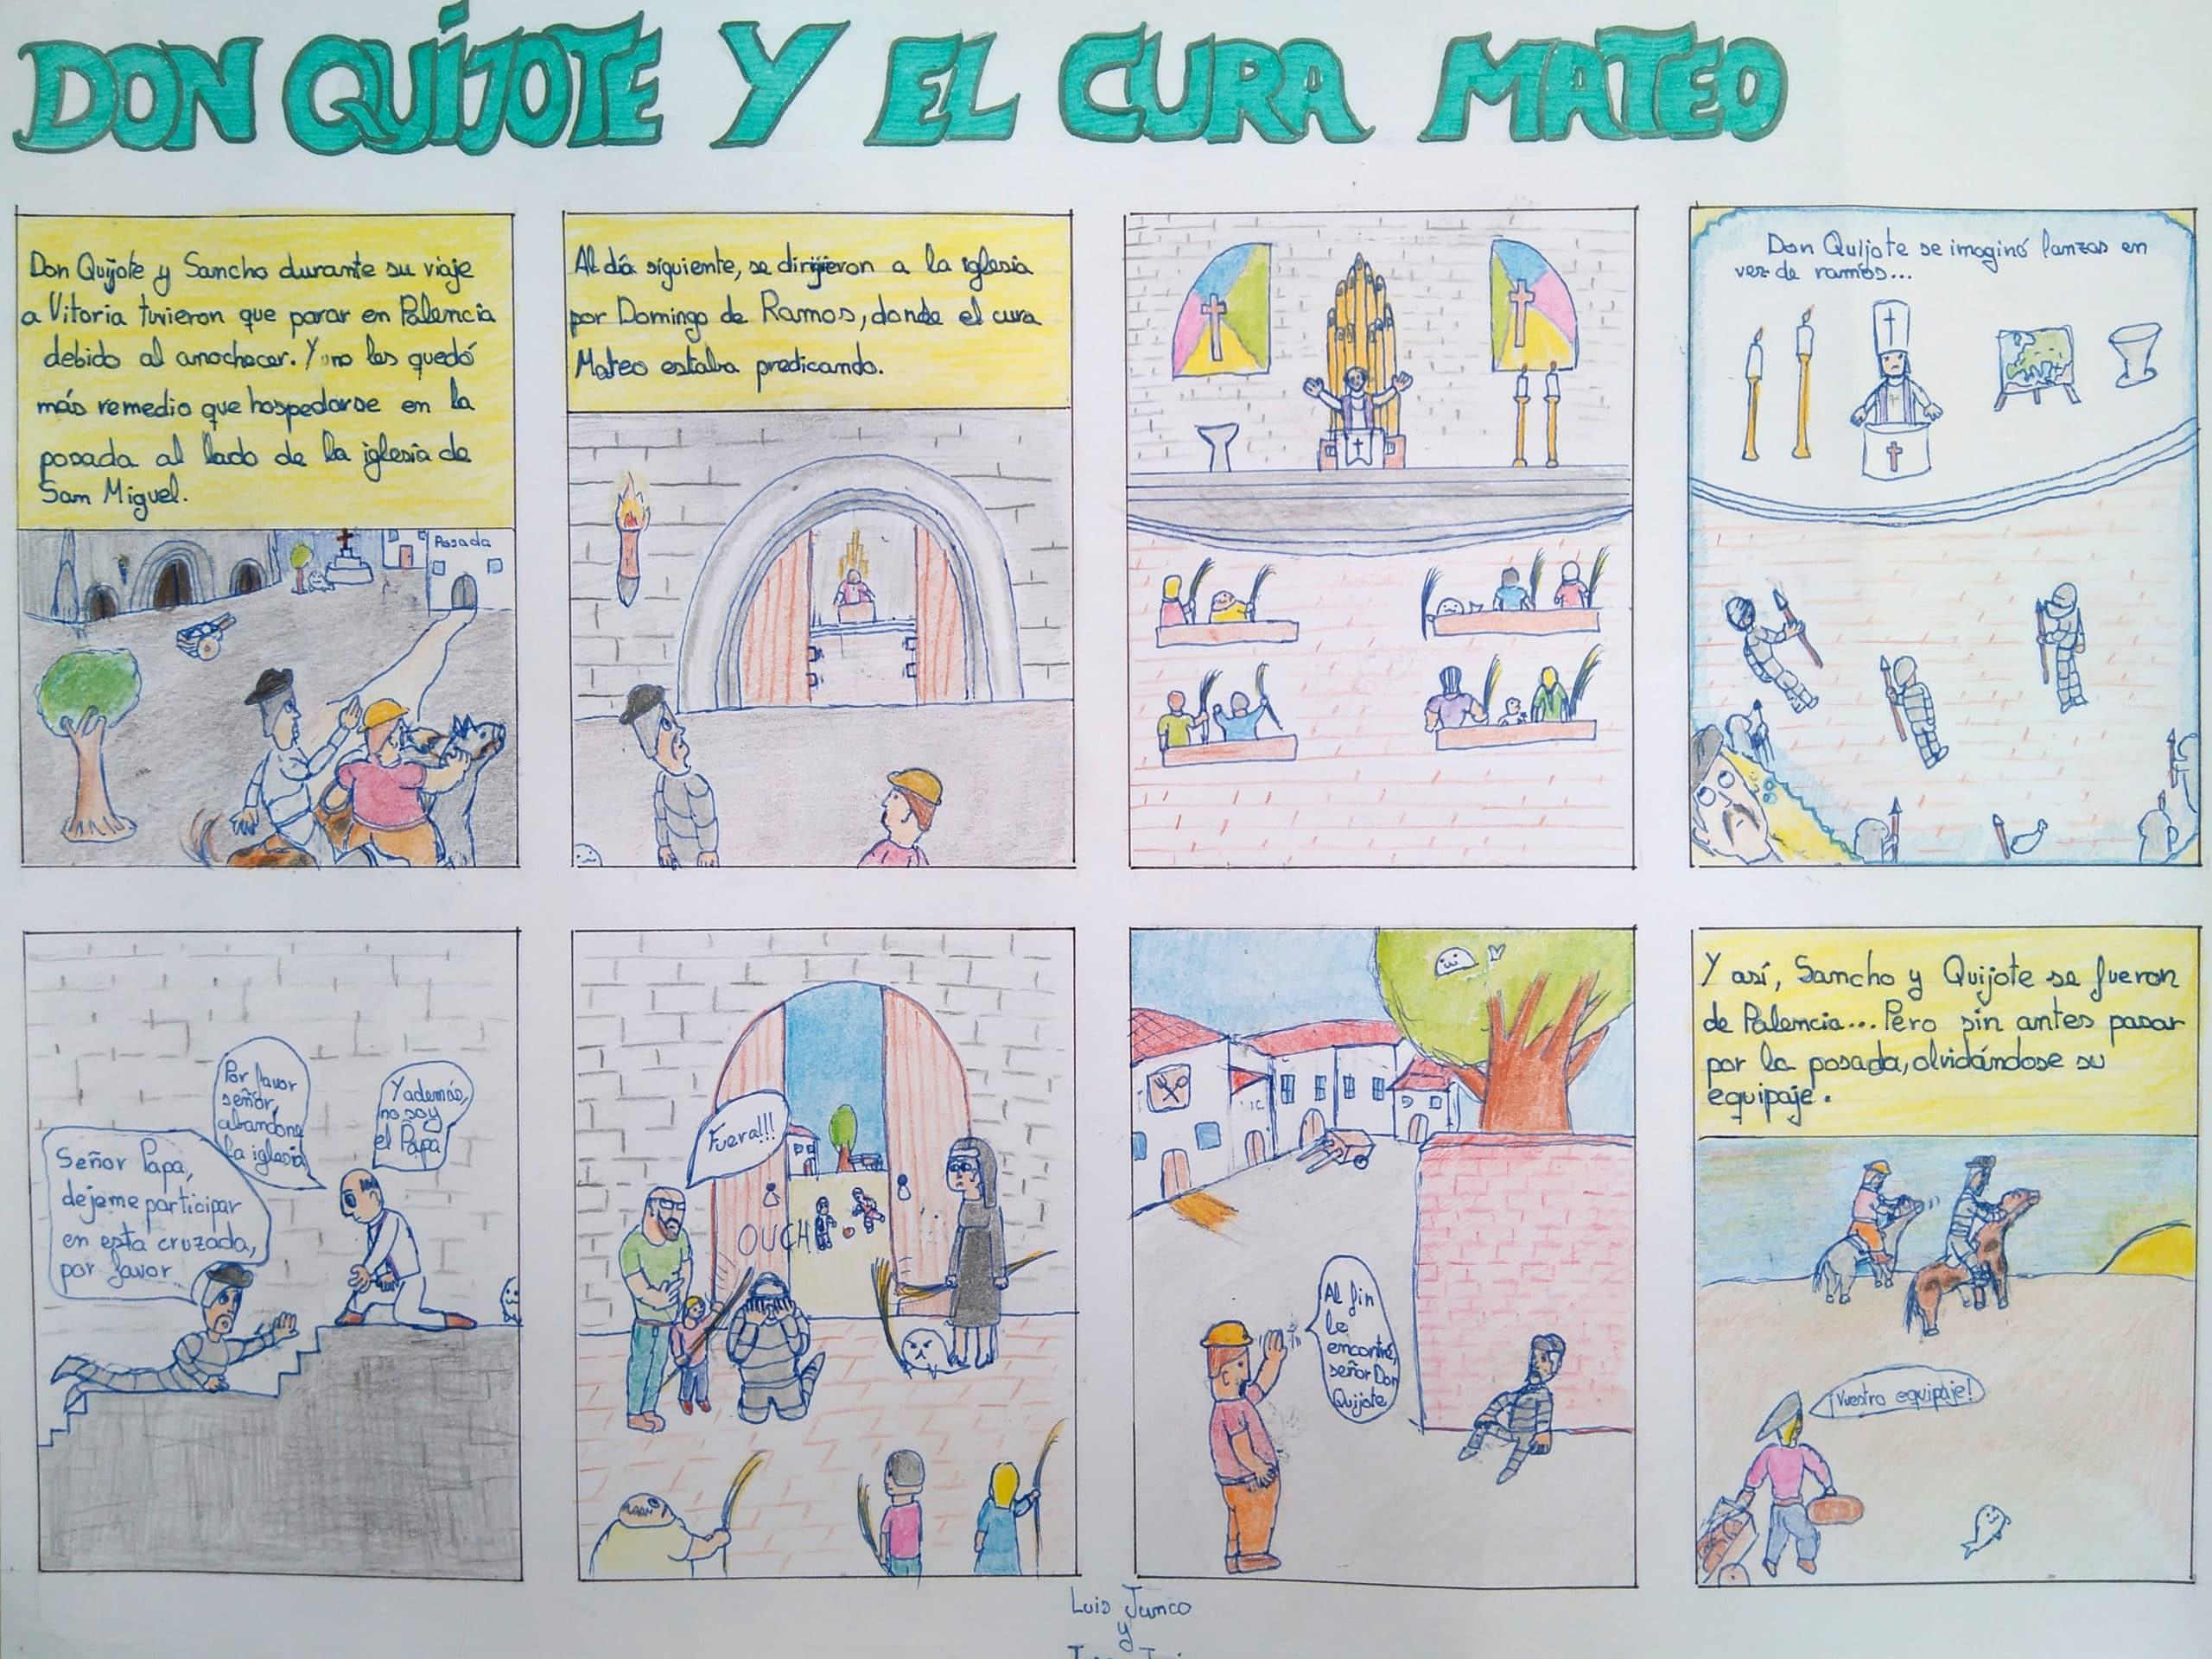 Los alumnos de 3º de la ESO del Colegio Blanca de Castilla de Palencia relatan nuevas aventuras de Don Quijote de la Mancha en formato de comic.